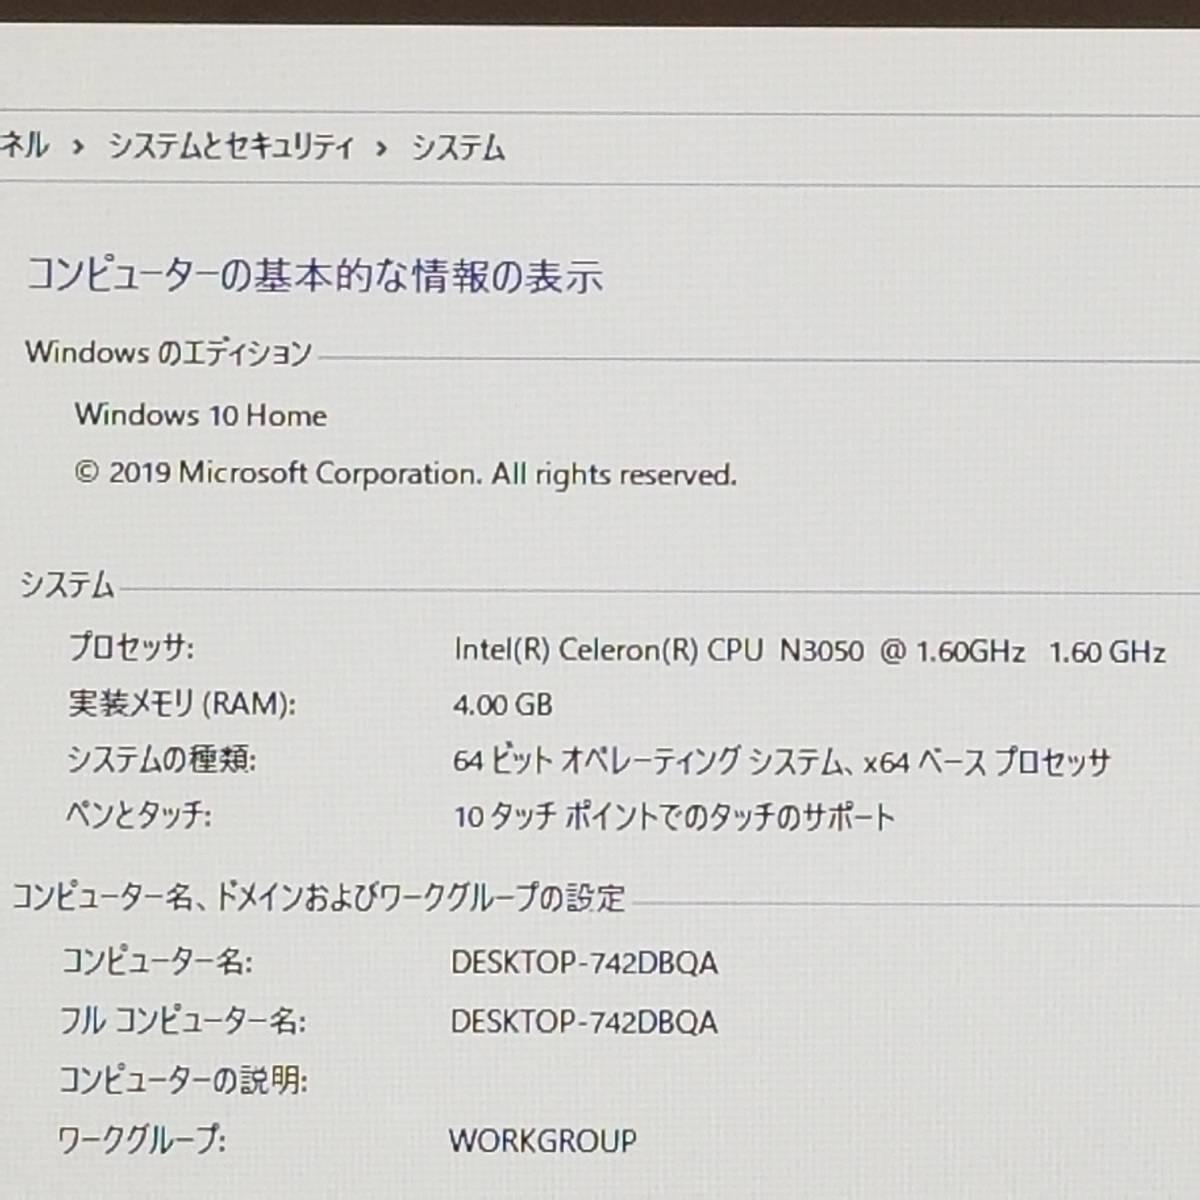 ★2015年モデル・美品★HDD500GB/メモリ4GB/無線Wi-Fi/Webカメラ/最新Office/Win10/高性能Celeron N3050搭載/Lenovo YOGA 300-11IBR(C7438)_★Windows10 Home 搭載★